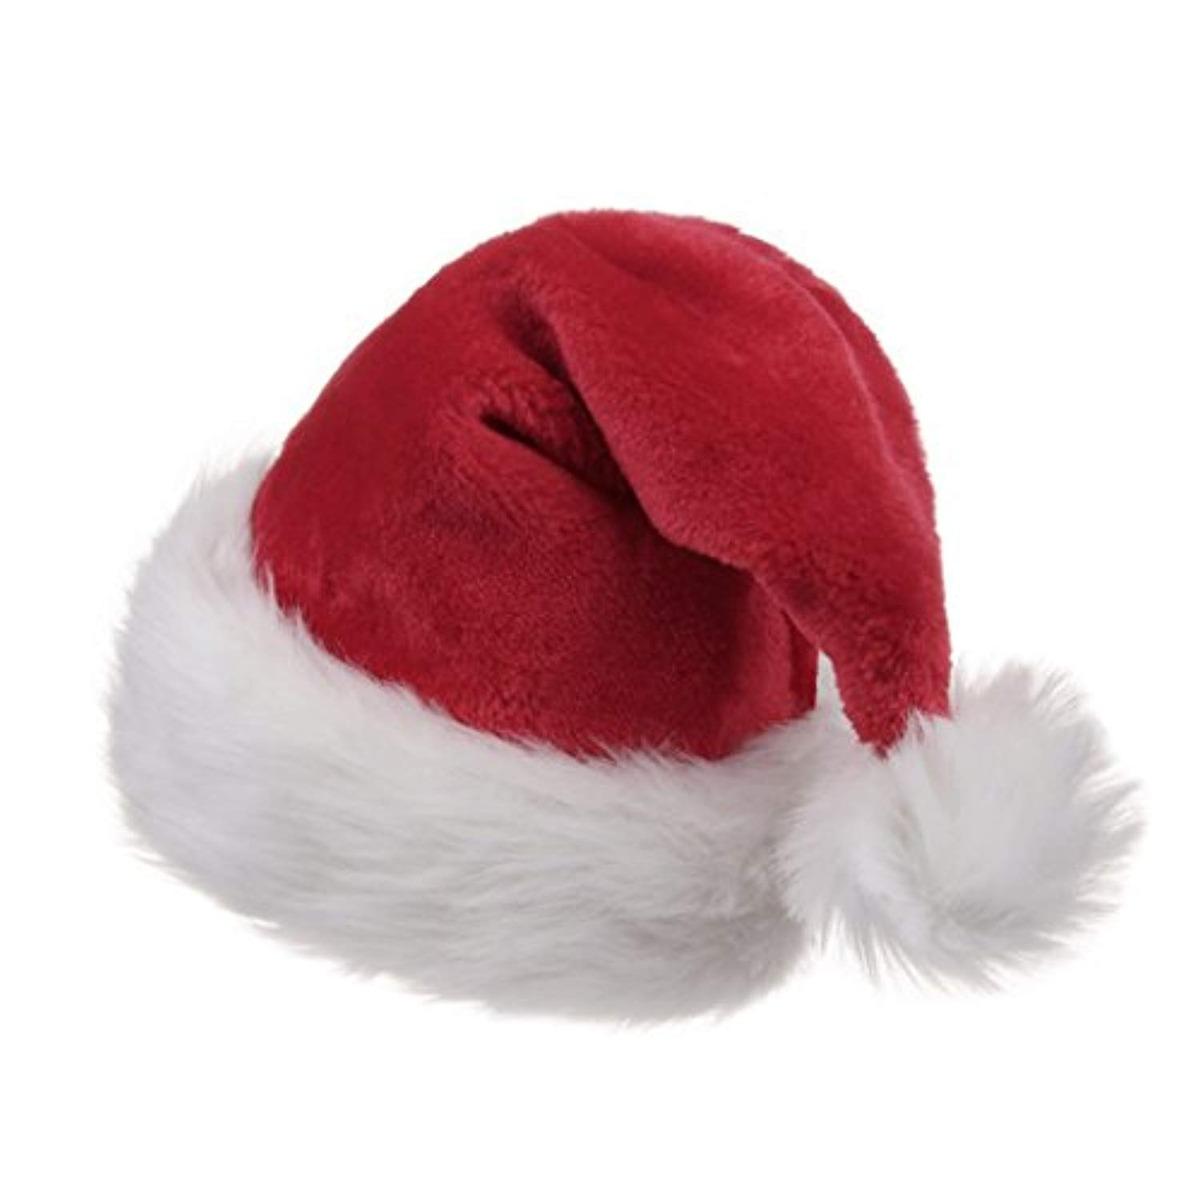 f442fafa7 Decoración Sombrero De Santa B-land Unisex-adult,